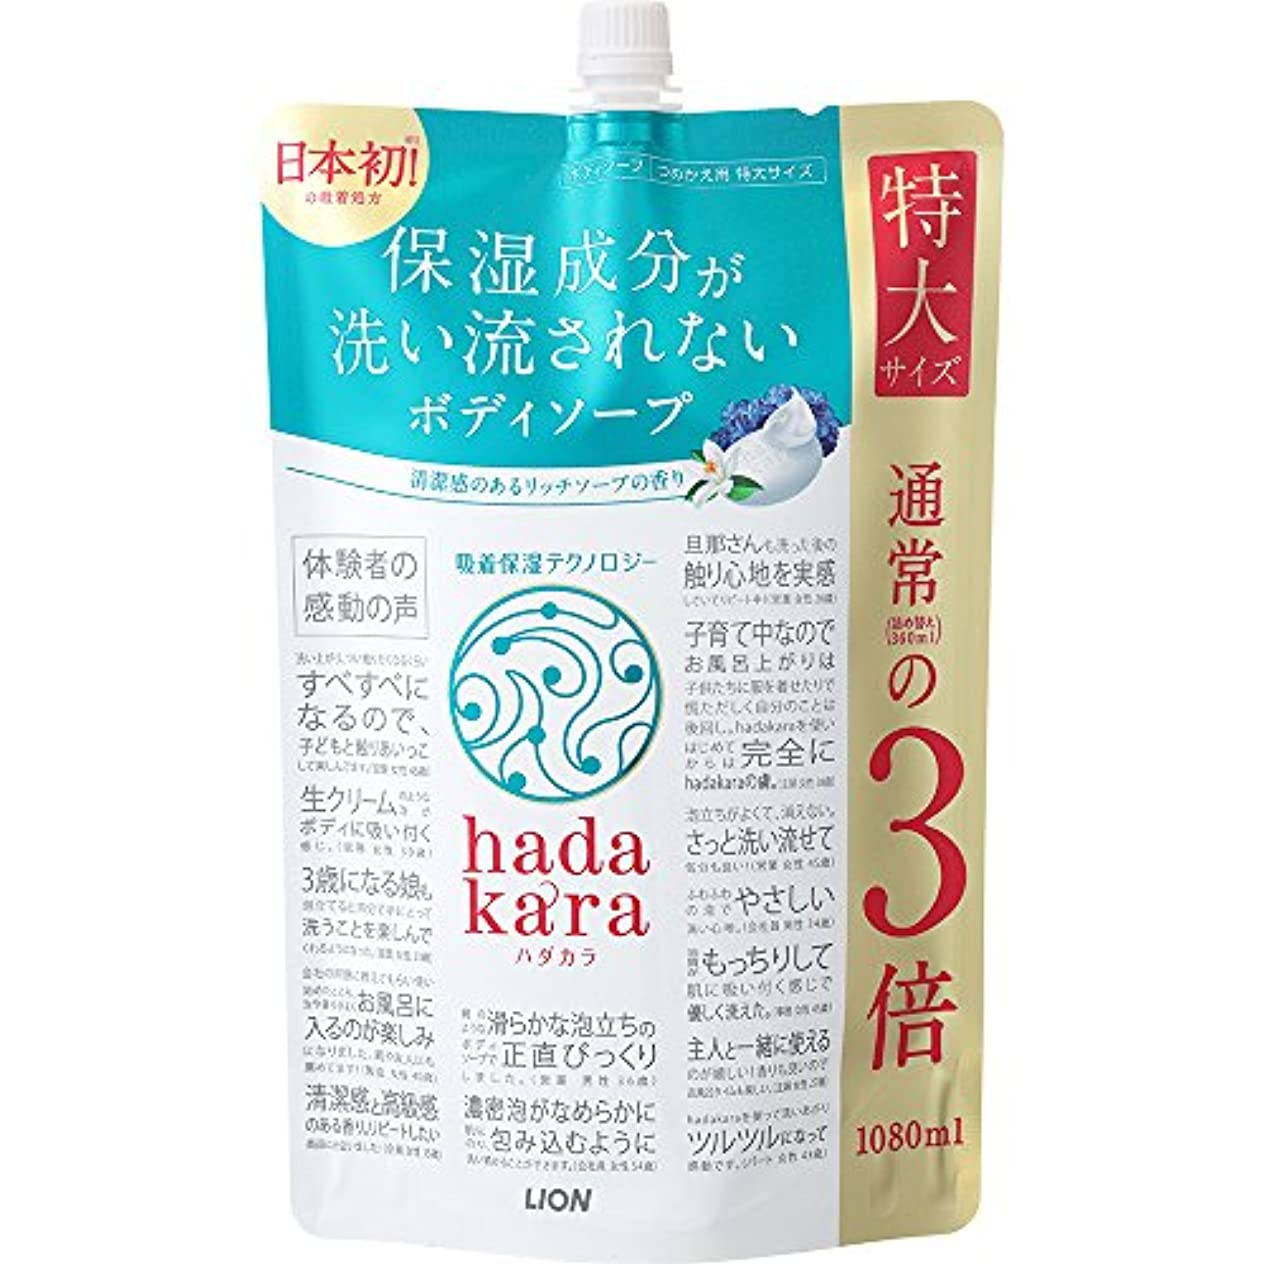 職業ケーブルカー栄光の【大容量】hadakara(ハダカラ) ボディソープ リッチソープの香り 詰め替え 特大 1080ml